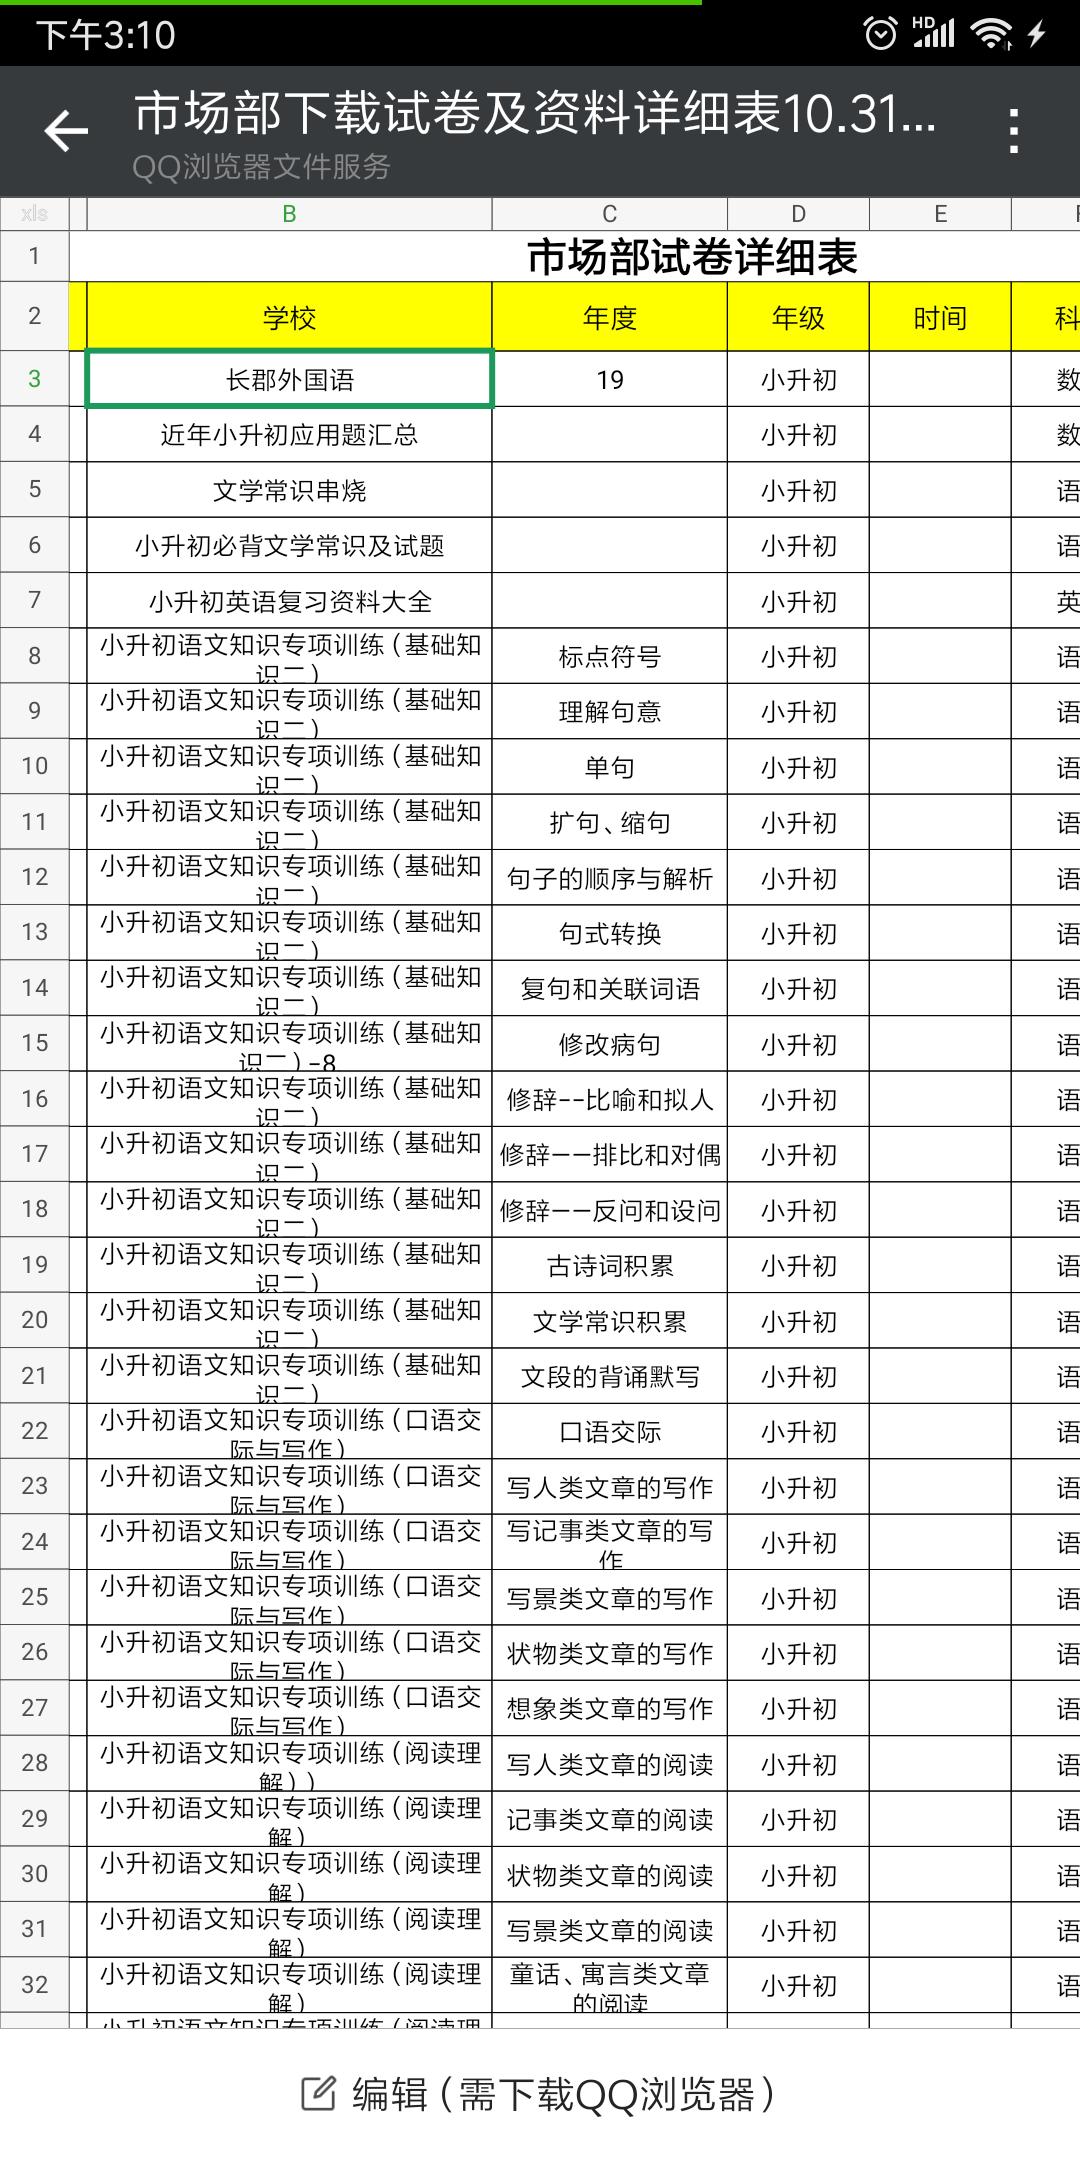 Screenshot_2019-11-01-15-10-36-011_com.tencent.mm.png